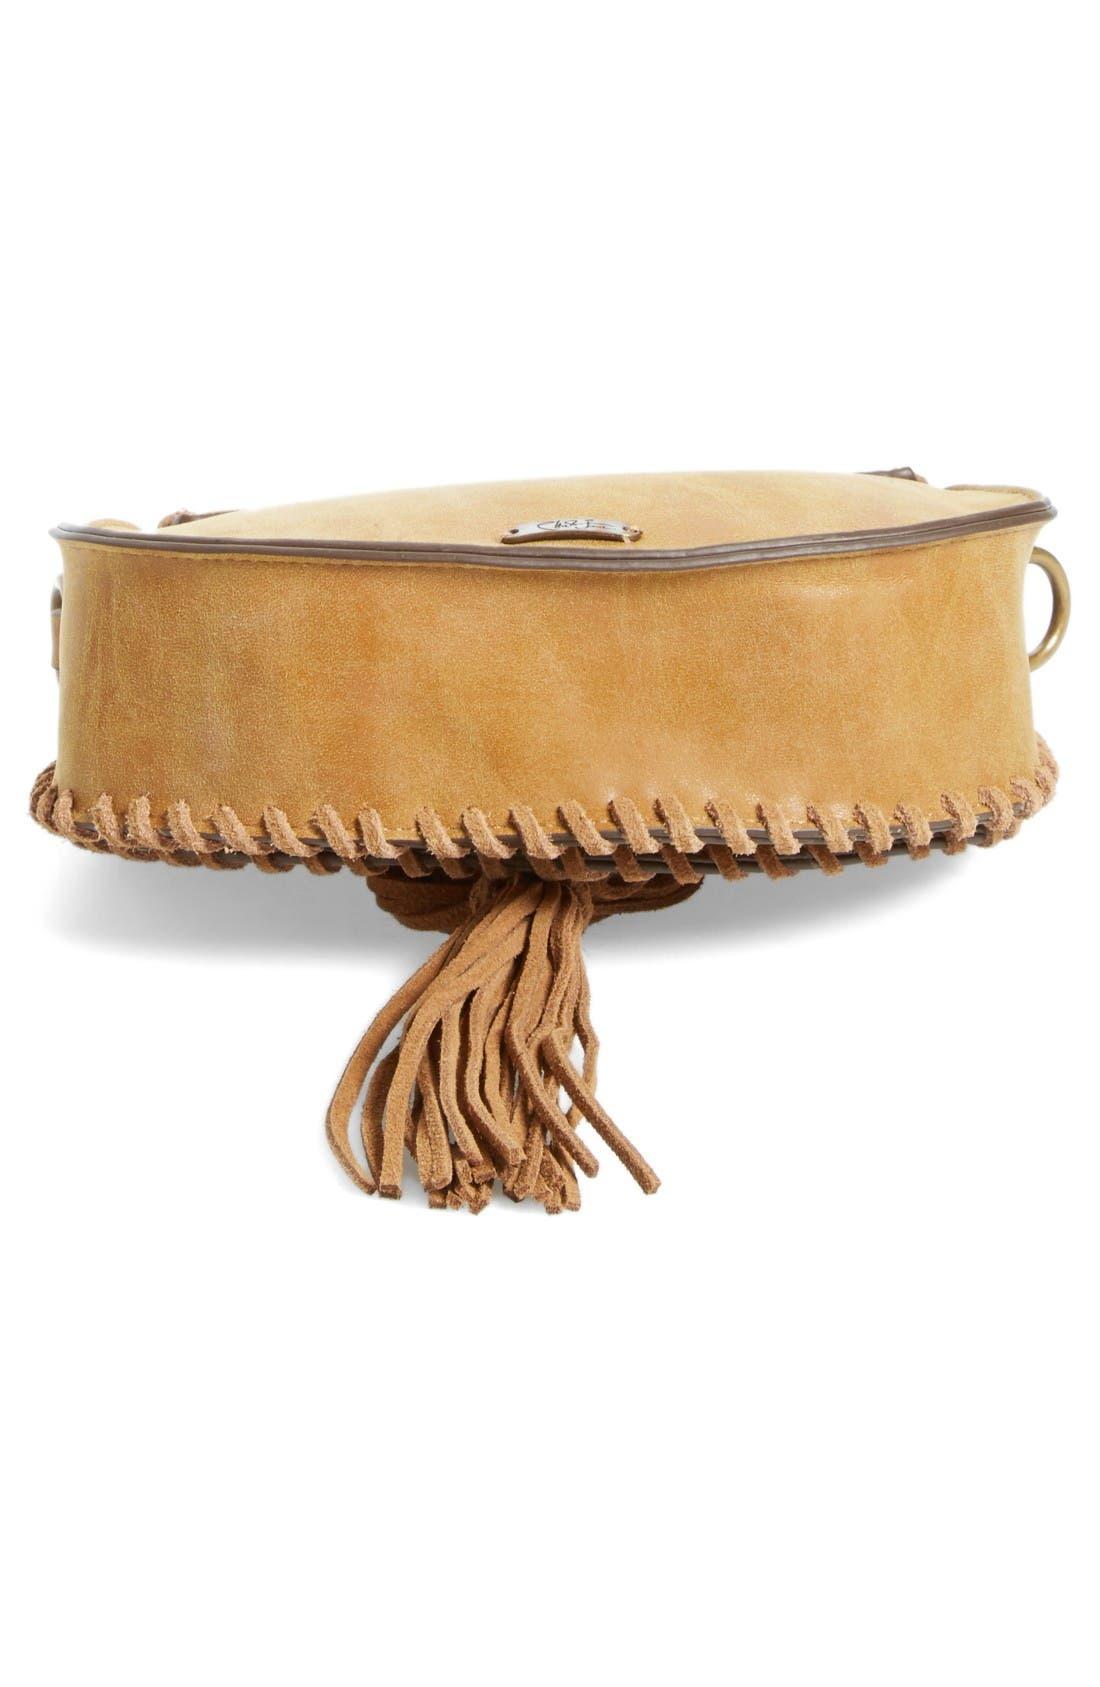 Alternate Image 4  - Elle & Jae Gypset Mini Madrid Faux Leather Top Handle Saddle Bag